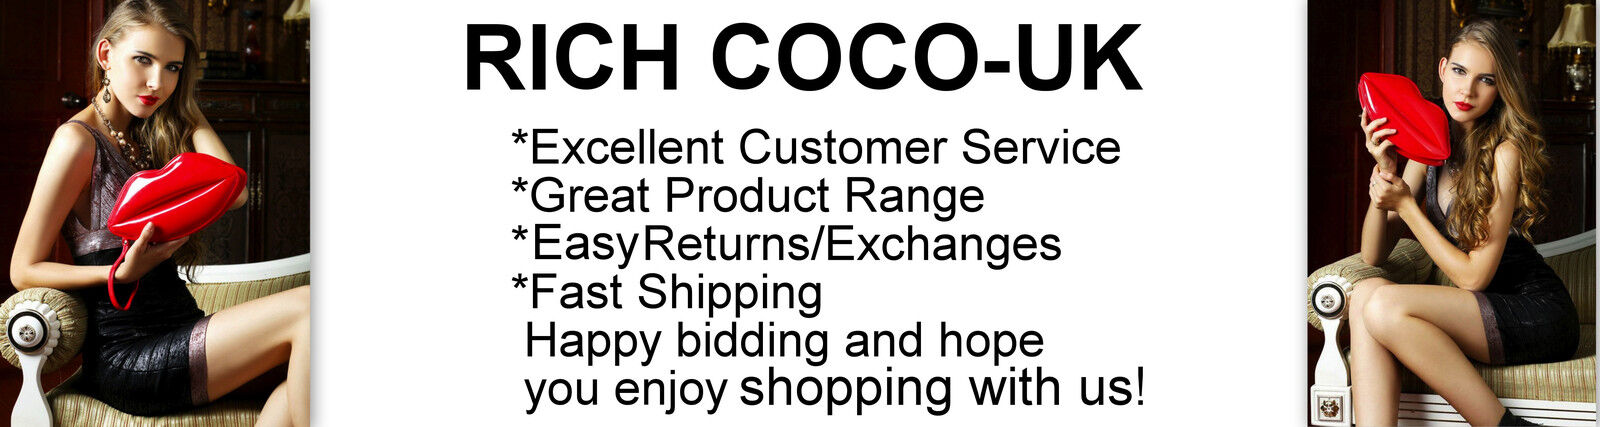 rich_coco